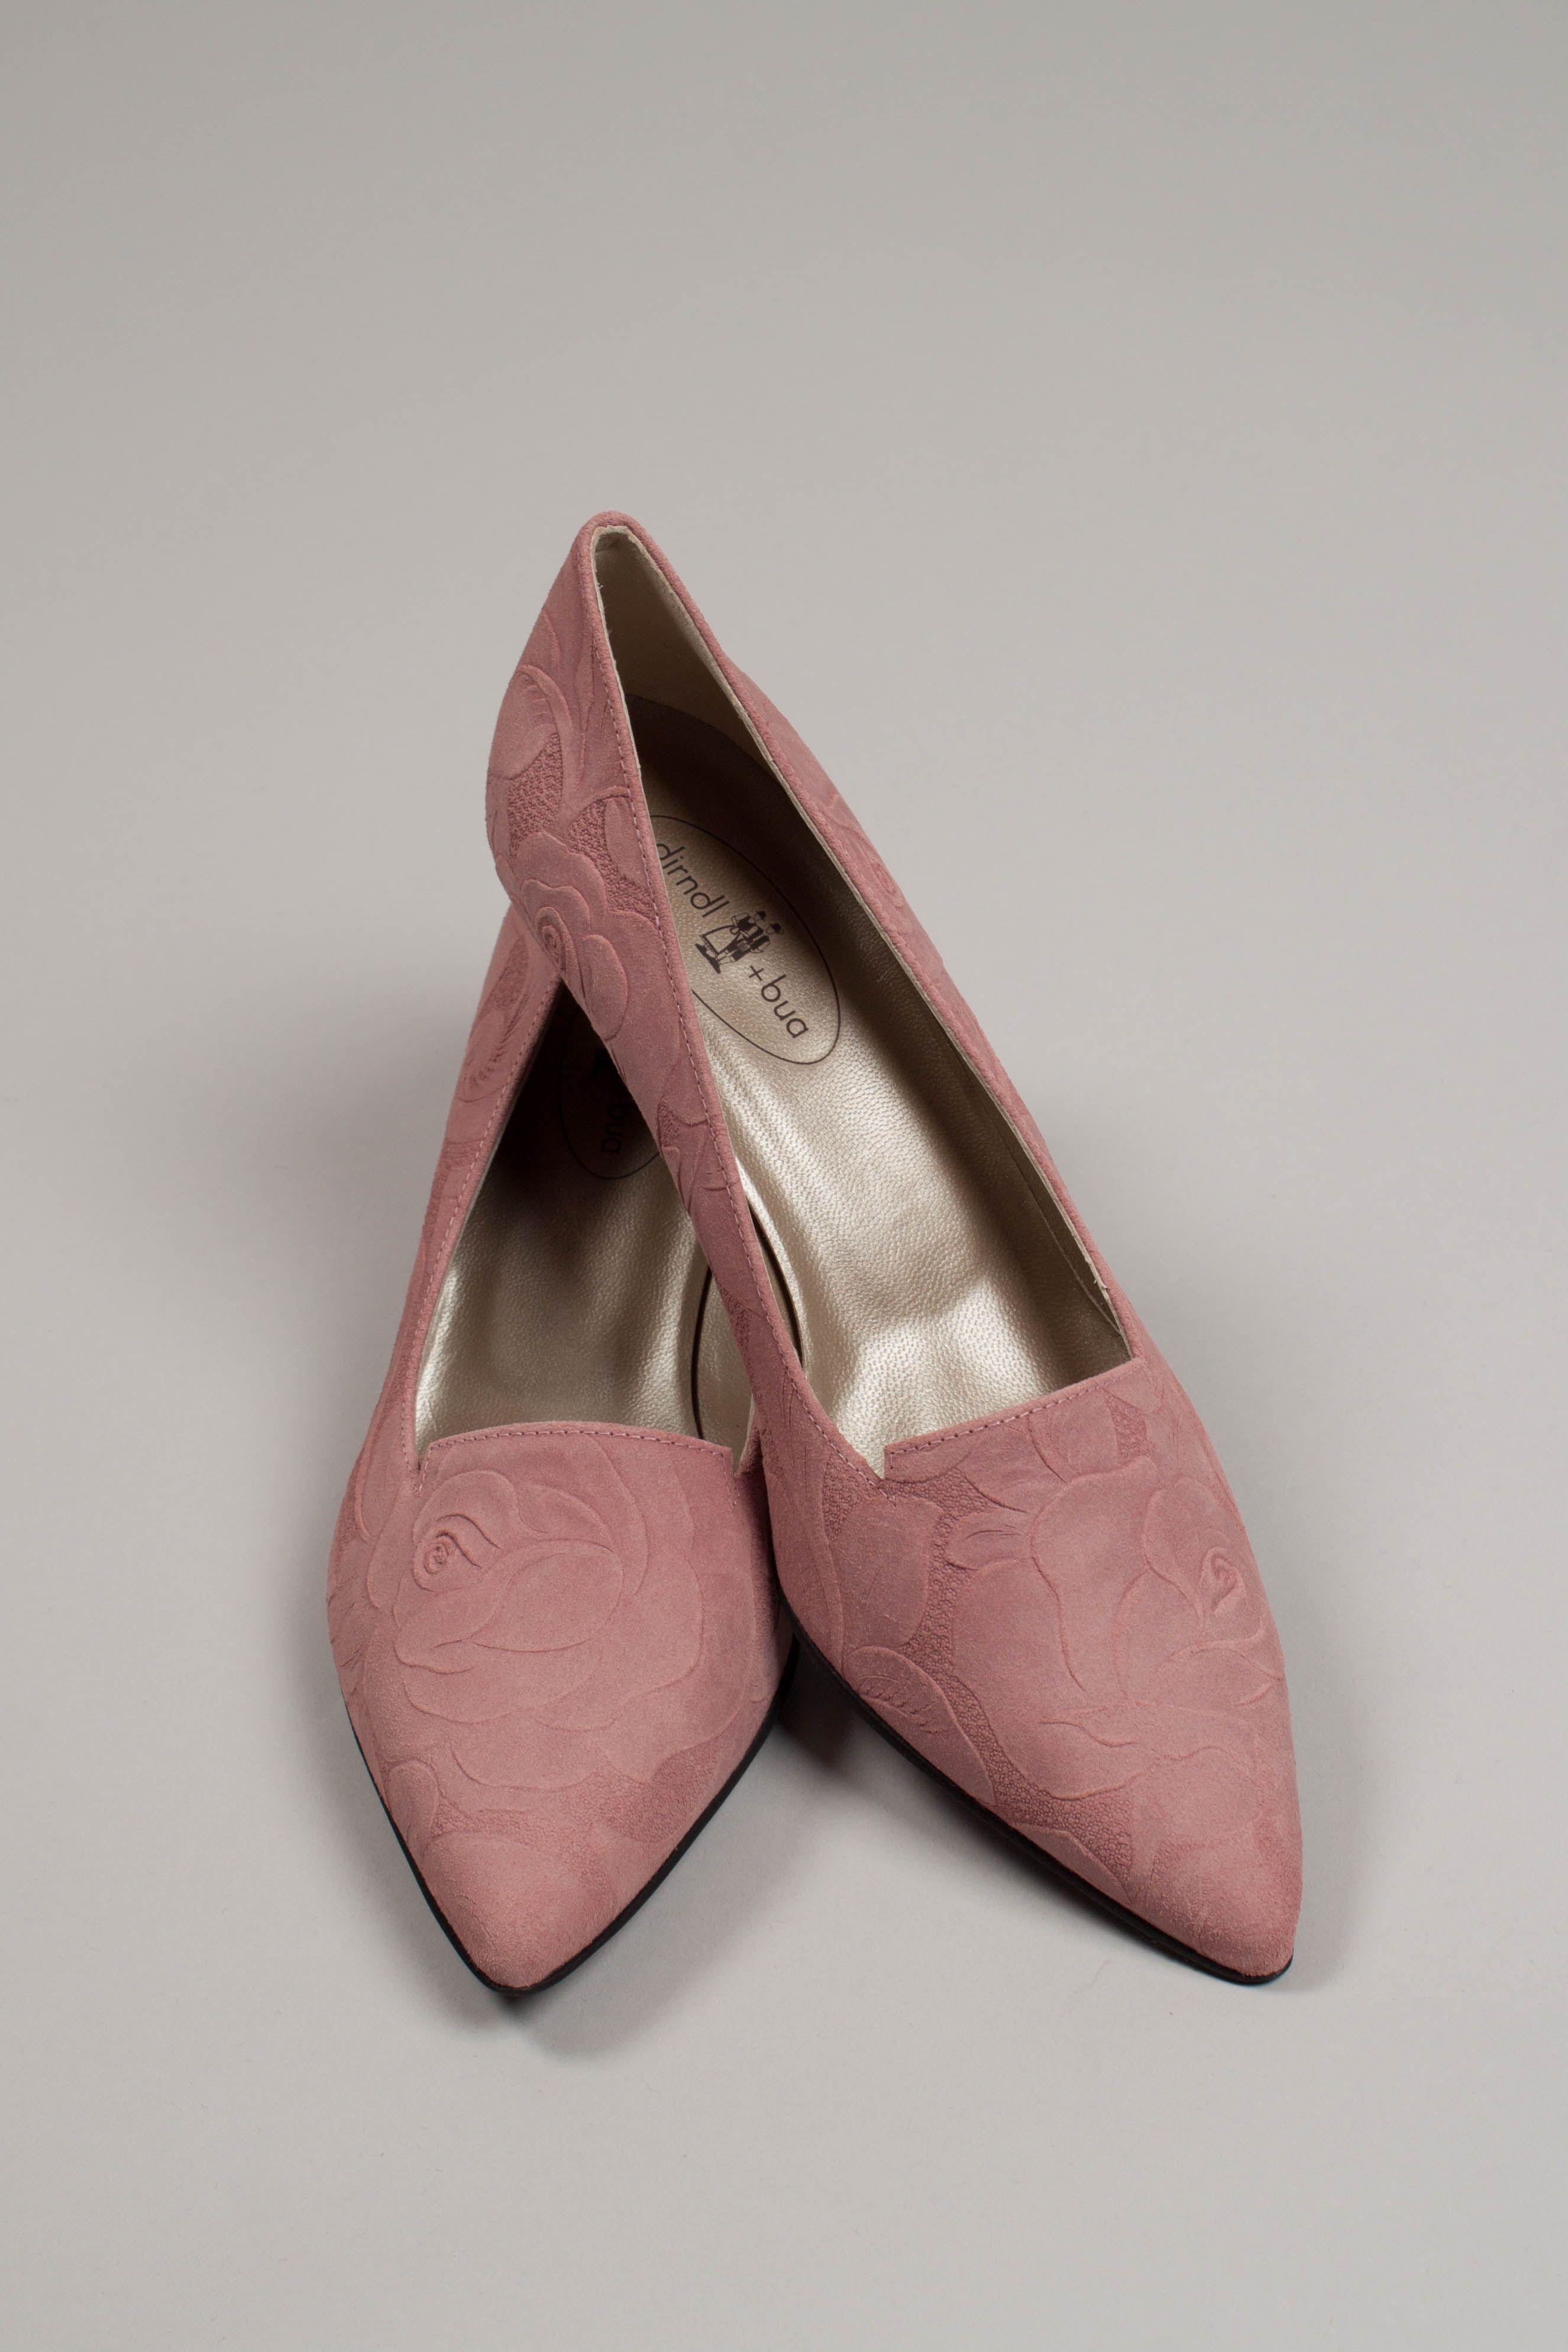 Dirndl Bua Damen Schuhe 5576 Altrosa Dirndl Schuhe Trachtenschuhe Trachtenschuhe Damen